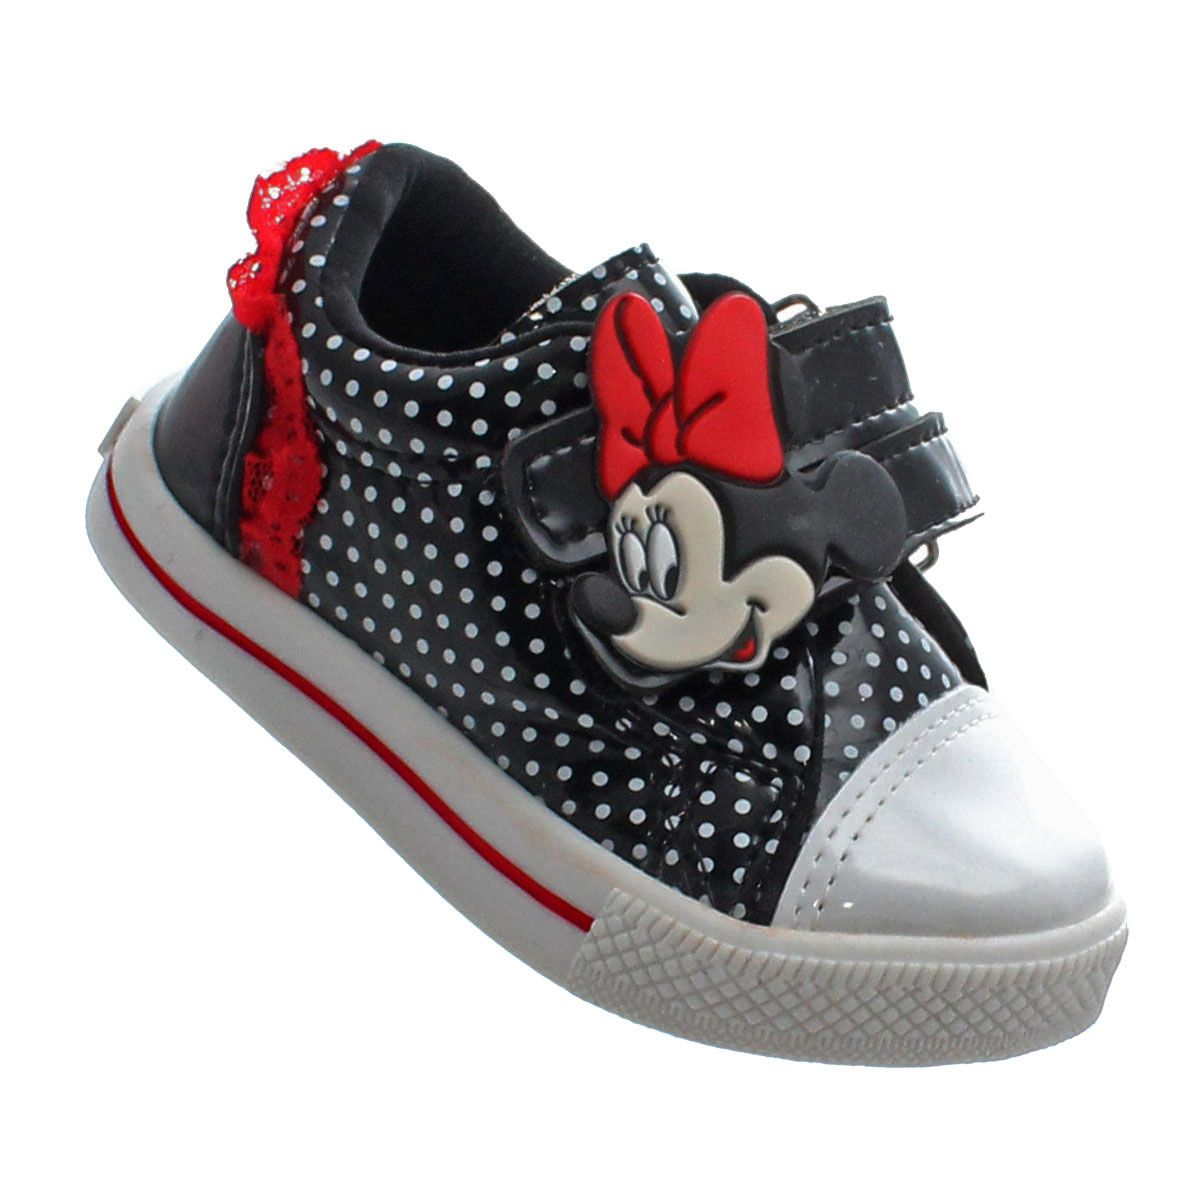 کفش زیبای بانمک دخترانه با نقطه های سفید و مشکلی 99